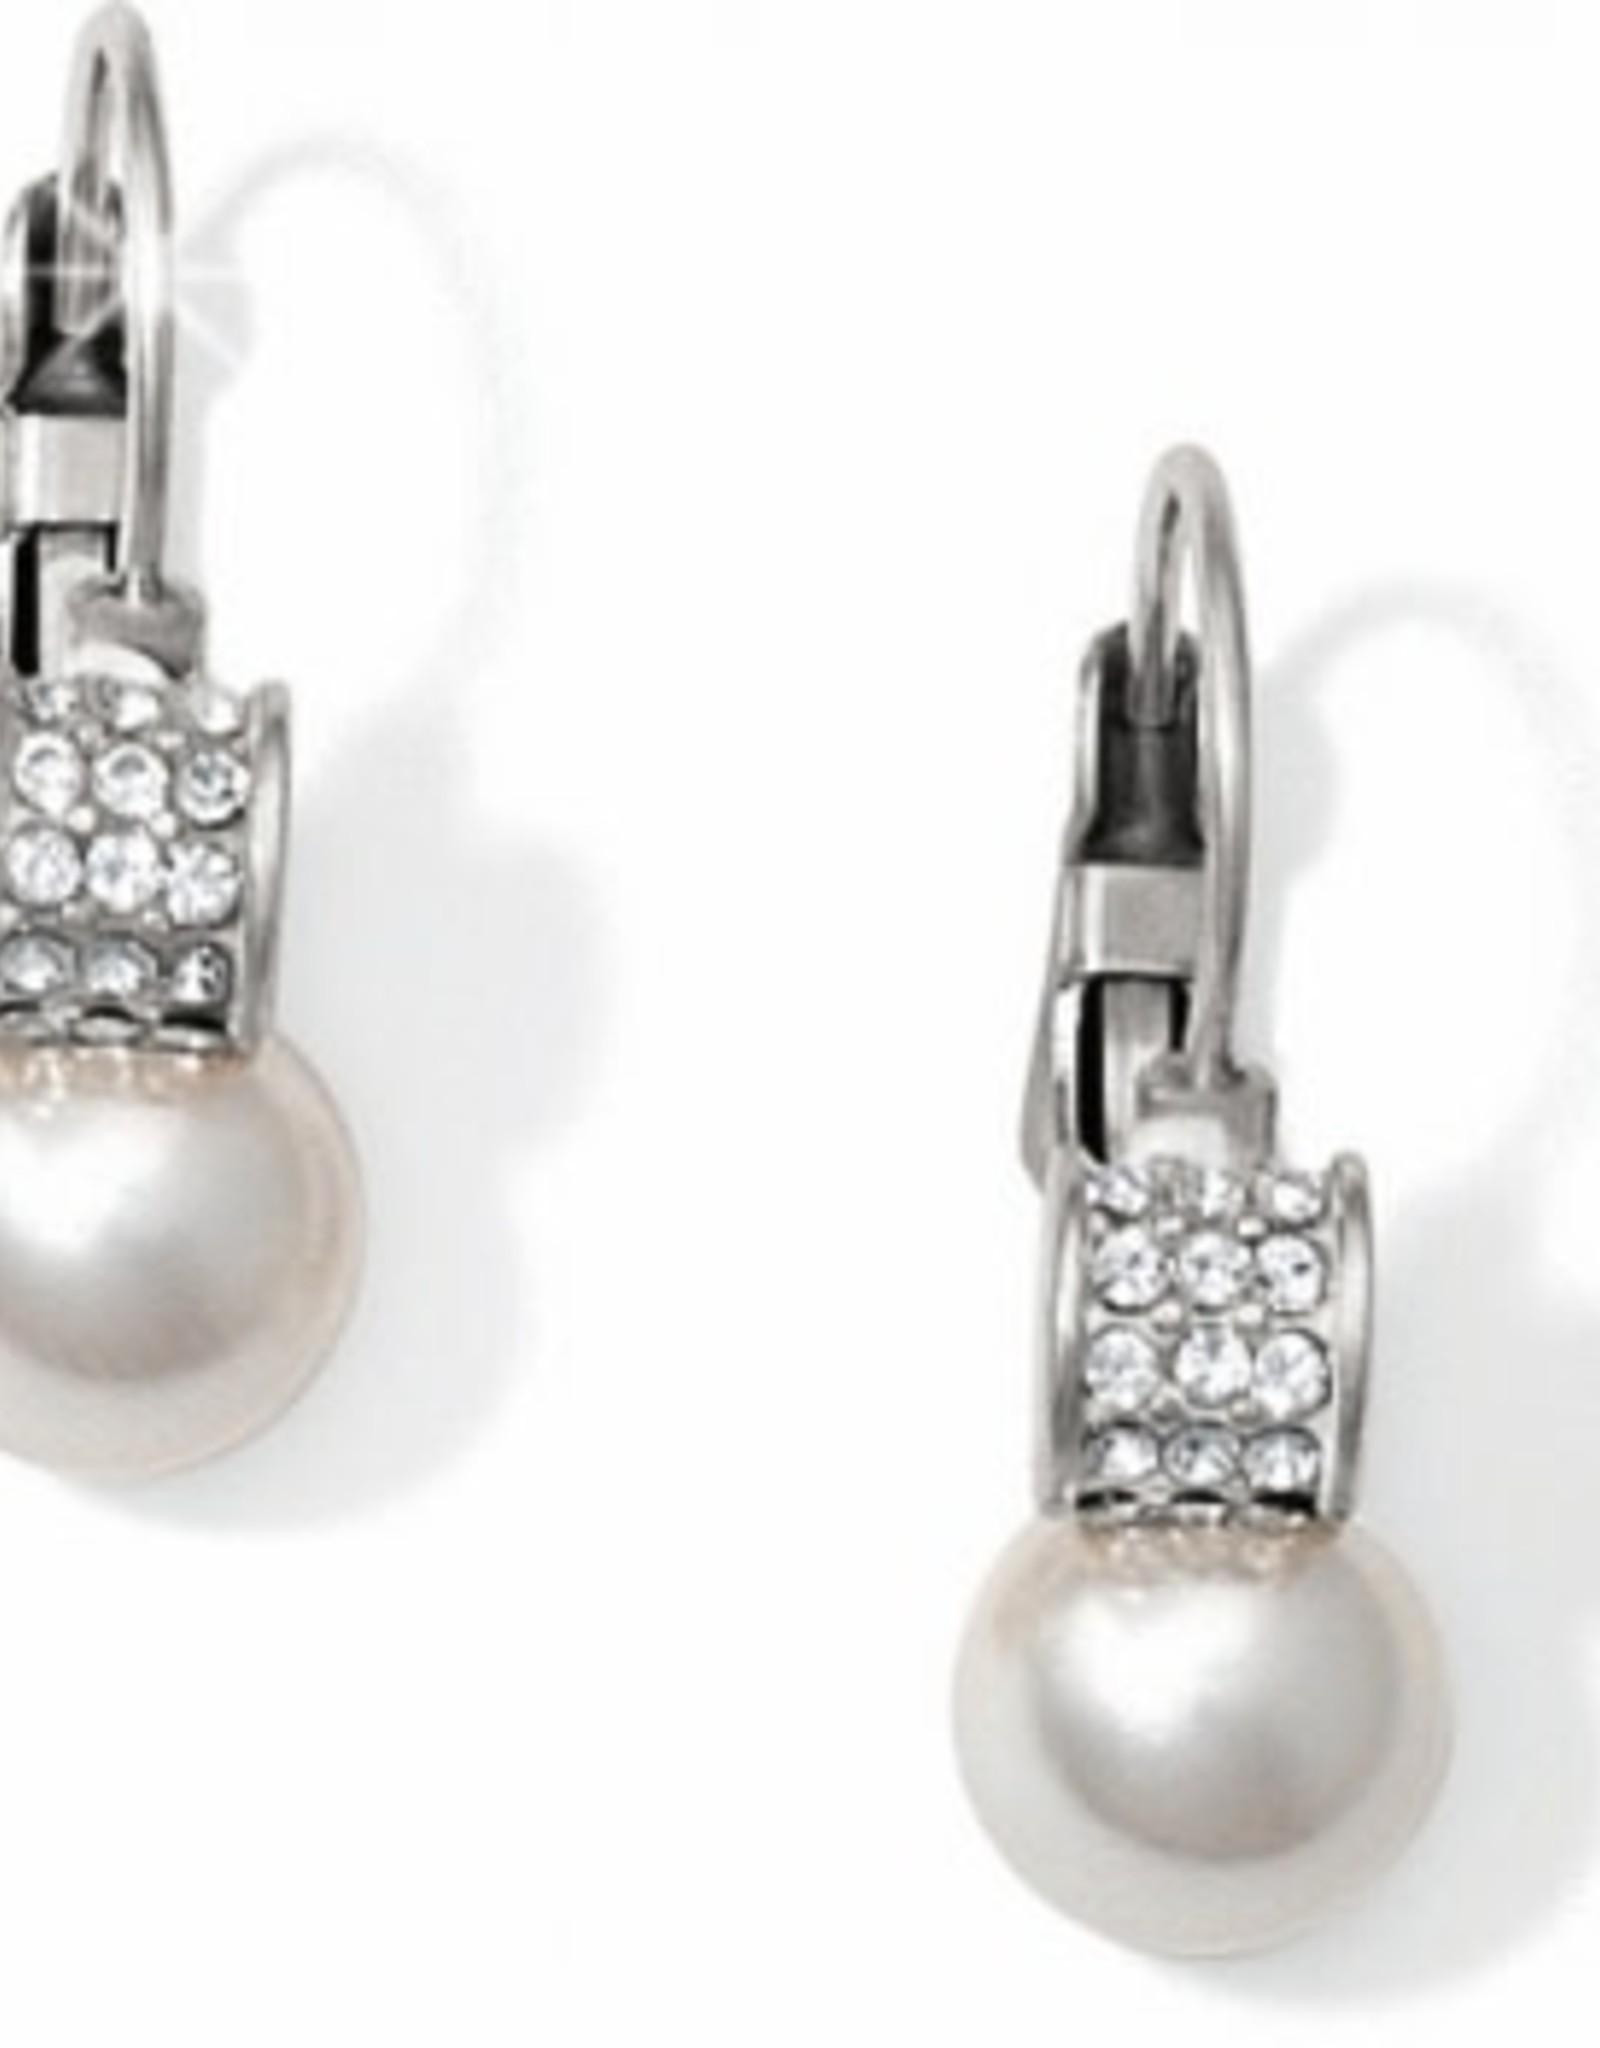 Brighton Brighton, Meridian Petite Pearl Earrings